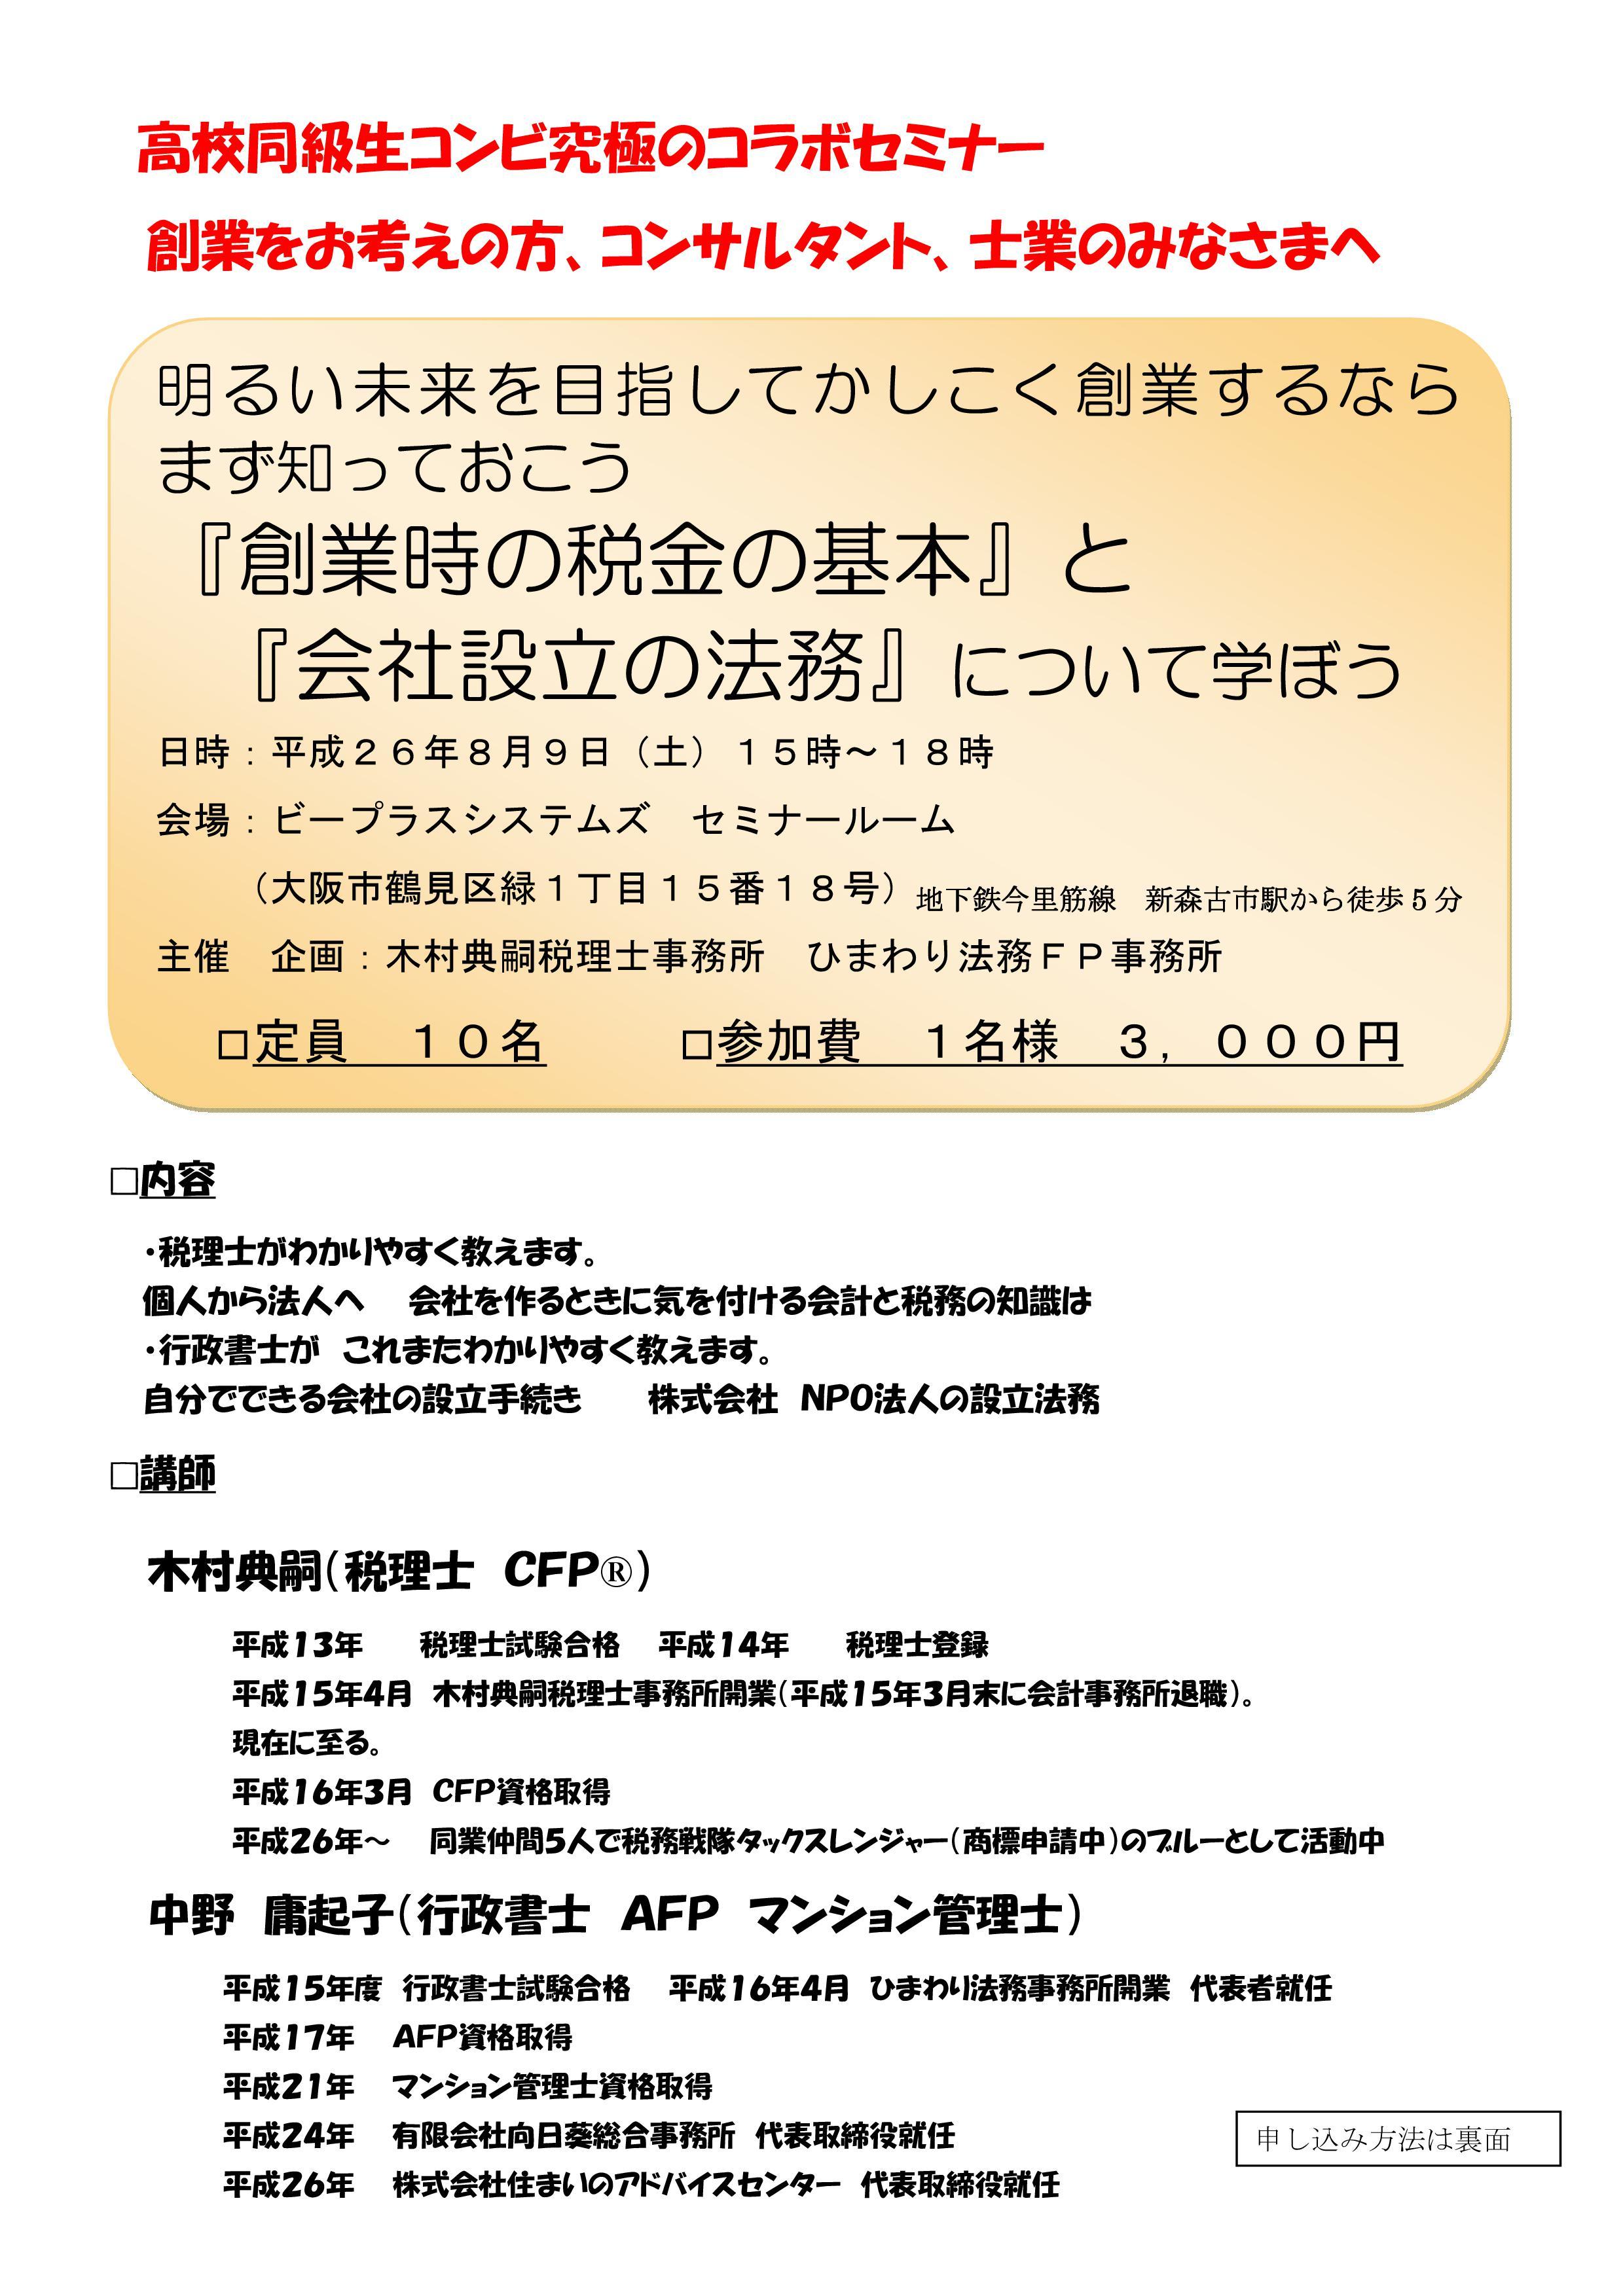 木村税理士コラボセミナーチラシ 26.8-001.jpg